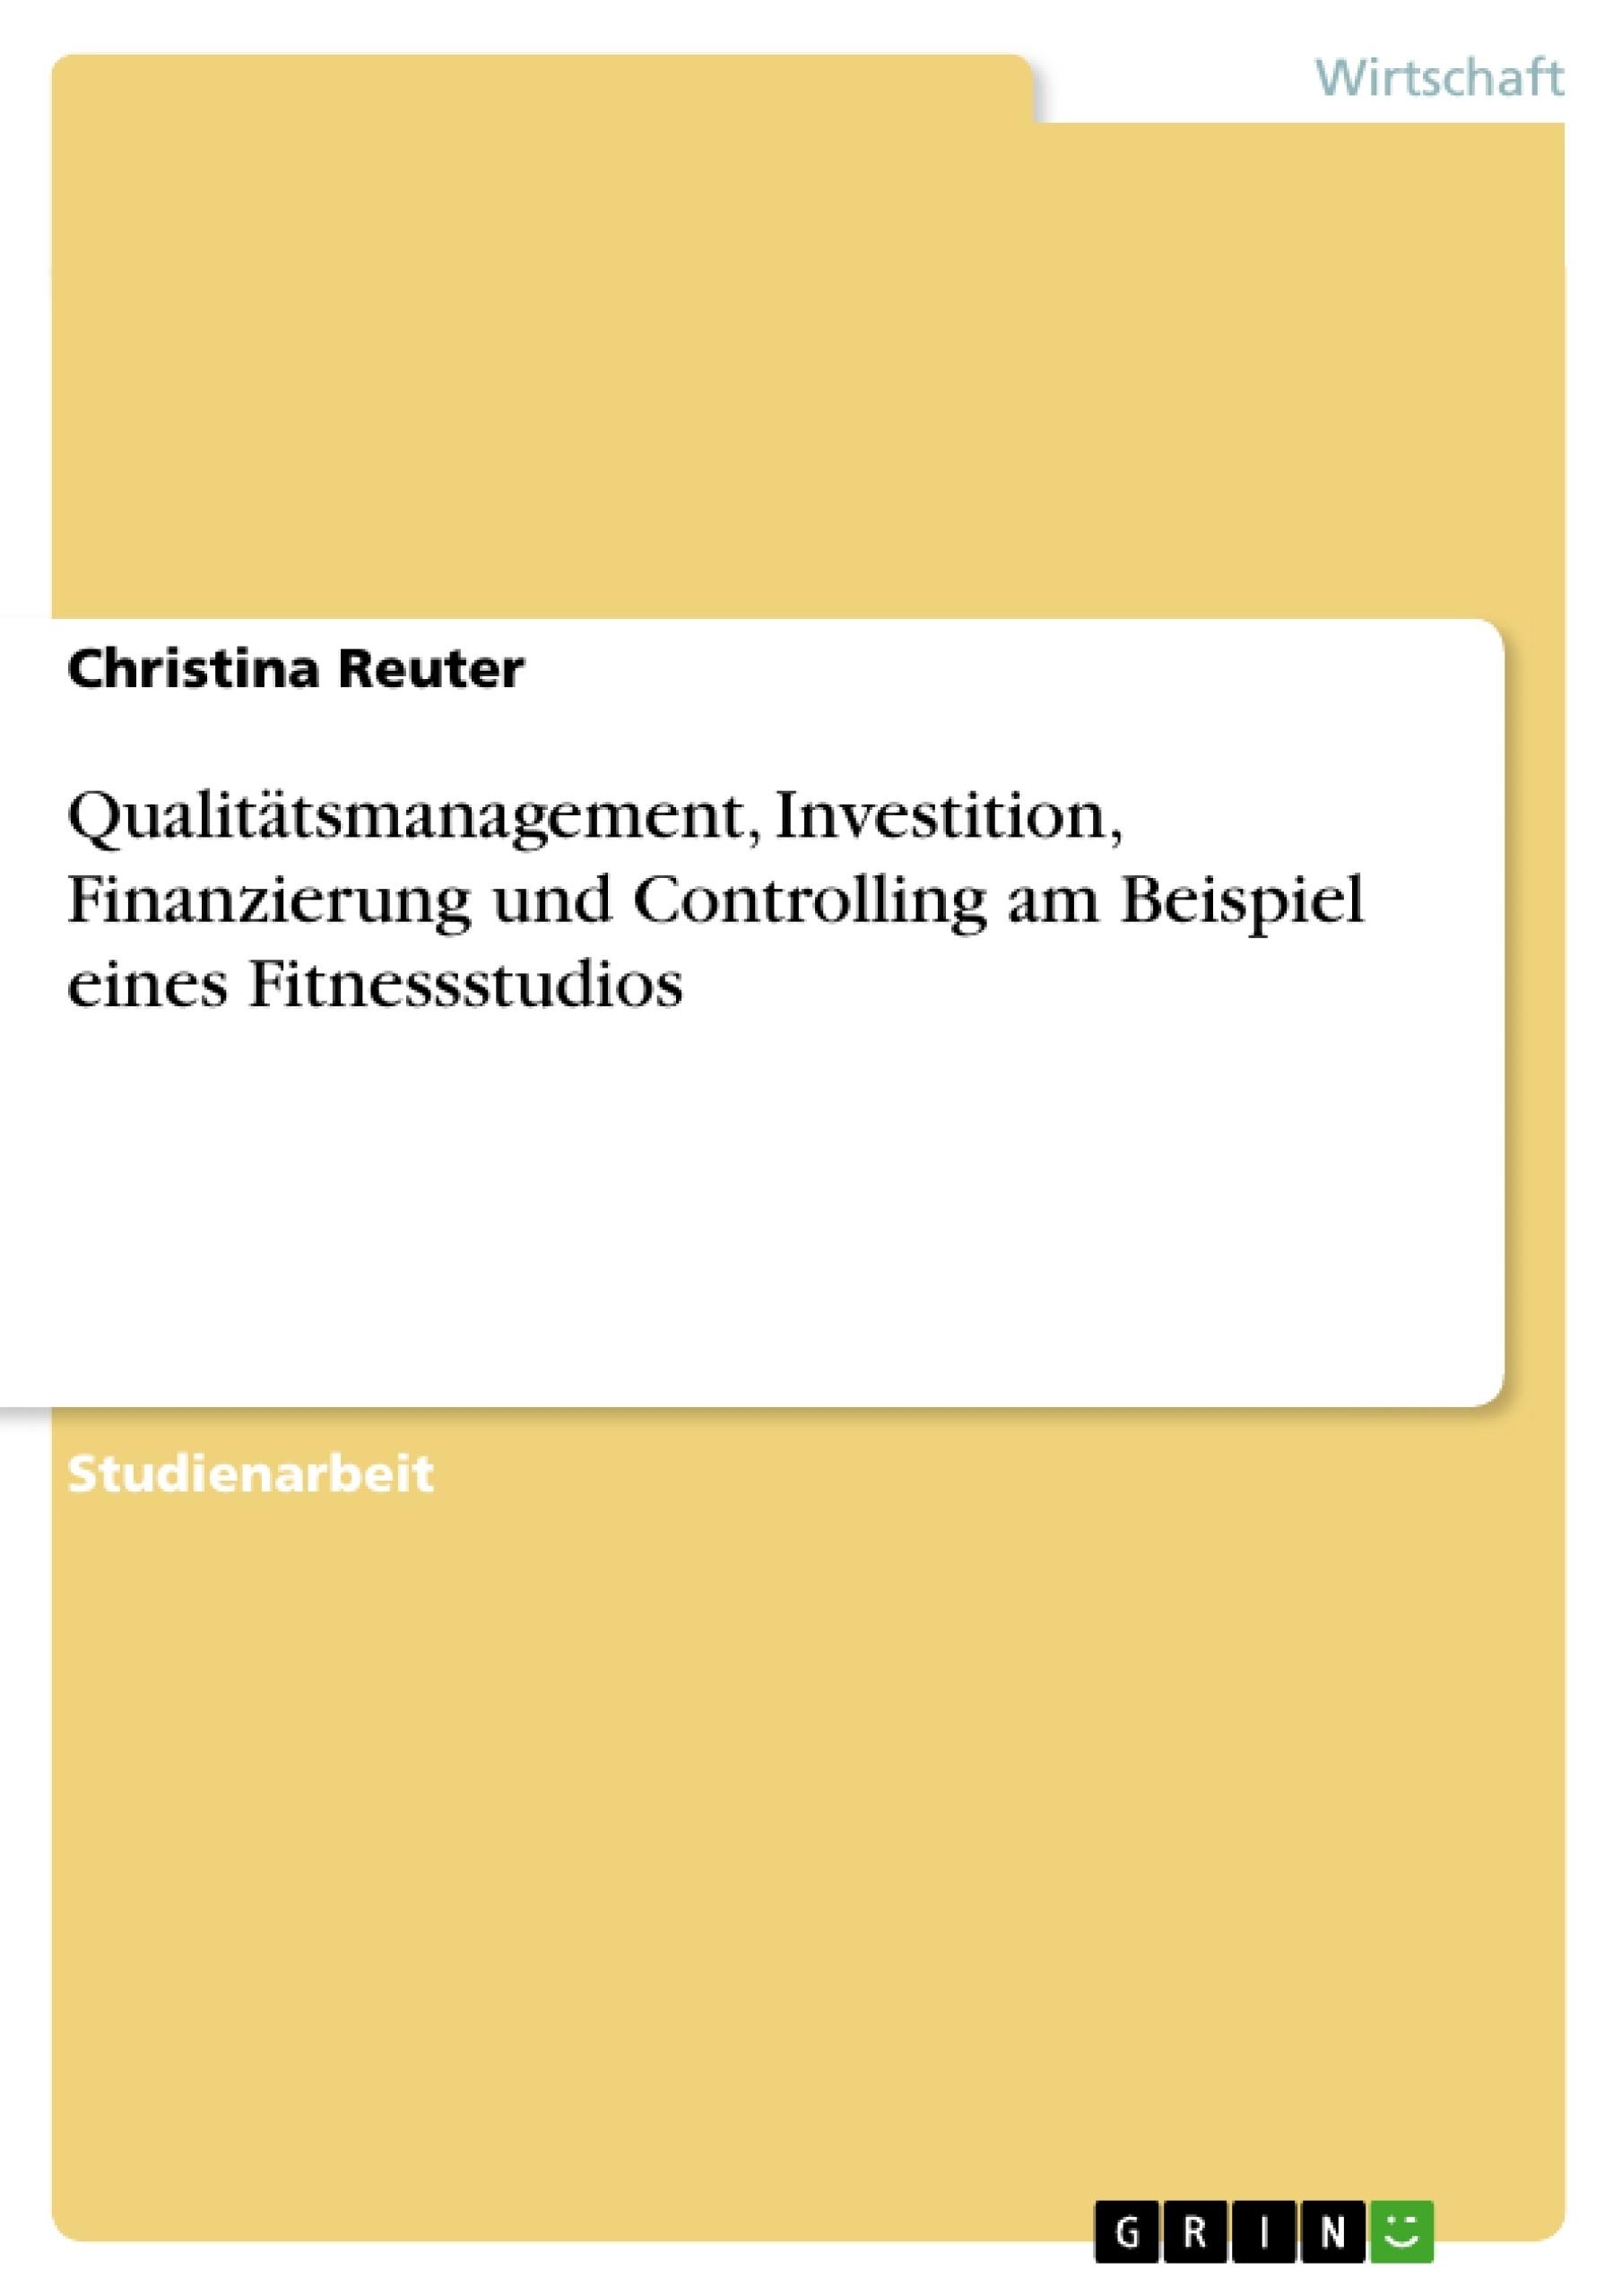 Titel: Qualitätsmanagement, Investition, Finanzierung und Controlling am Beispiel eines Fitnessstudios